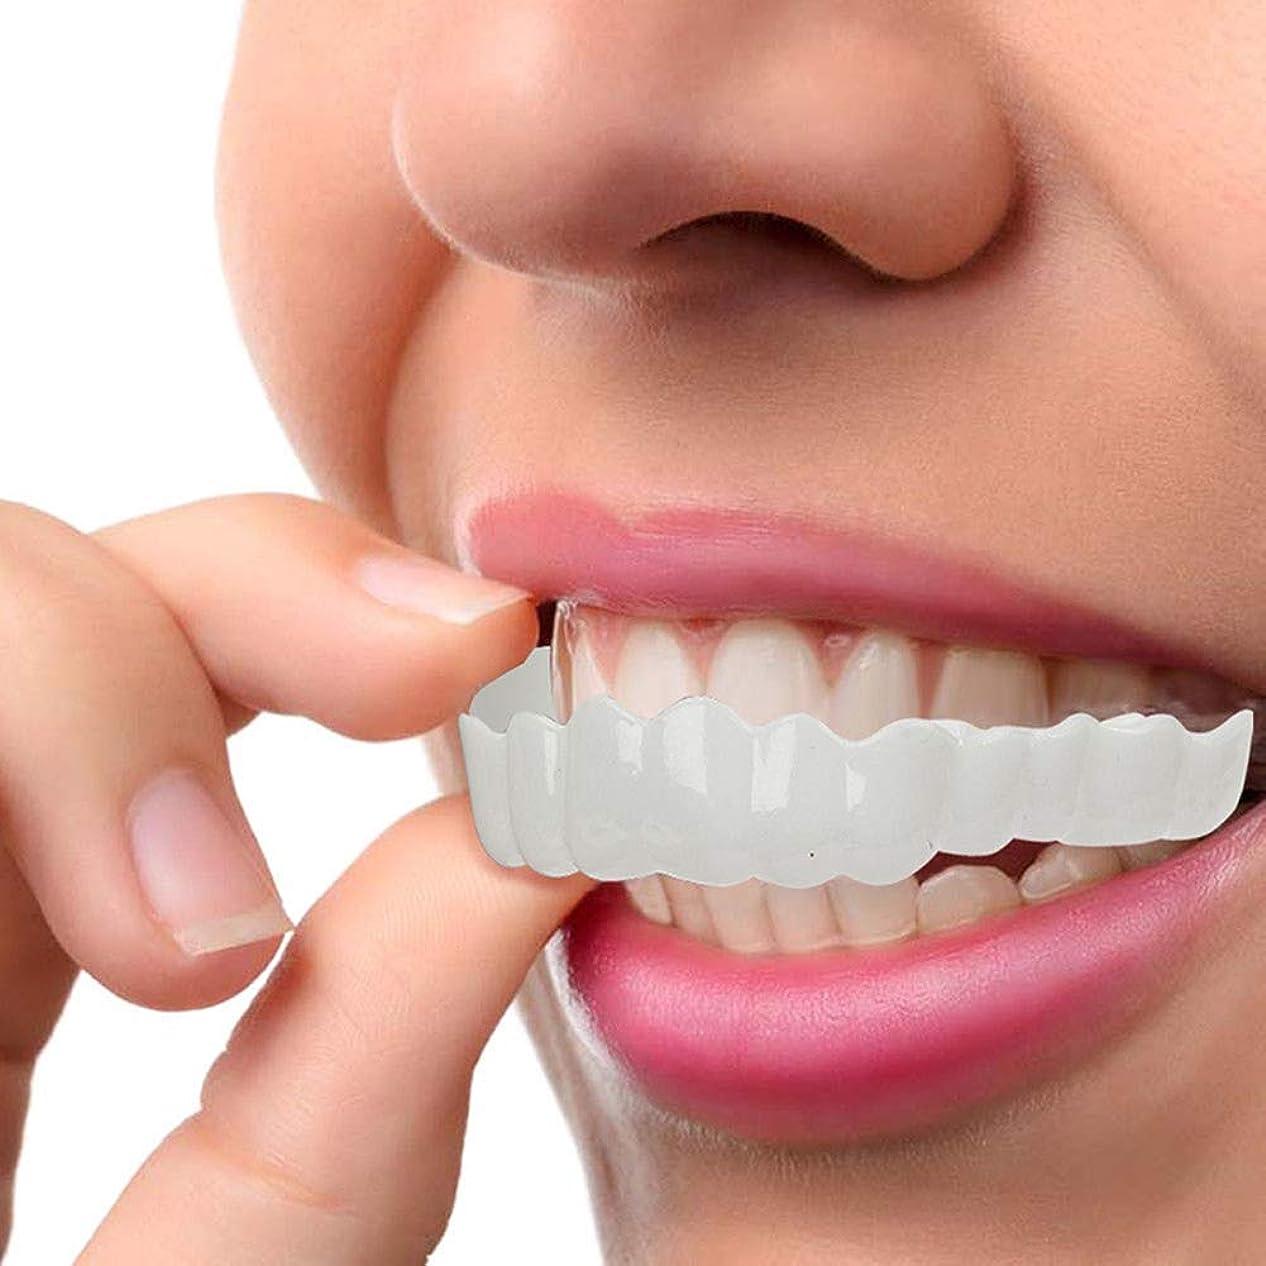 ダイアクリティカル論理的話す化粧品歯入れ歯に最適な一時的な笑顔の快適さ5枚